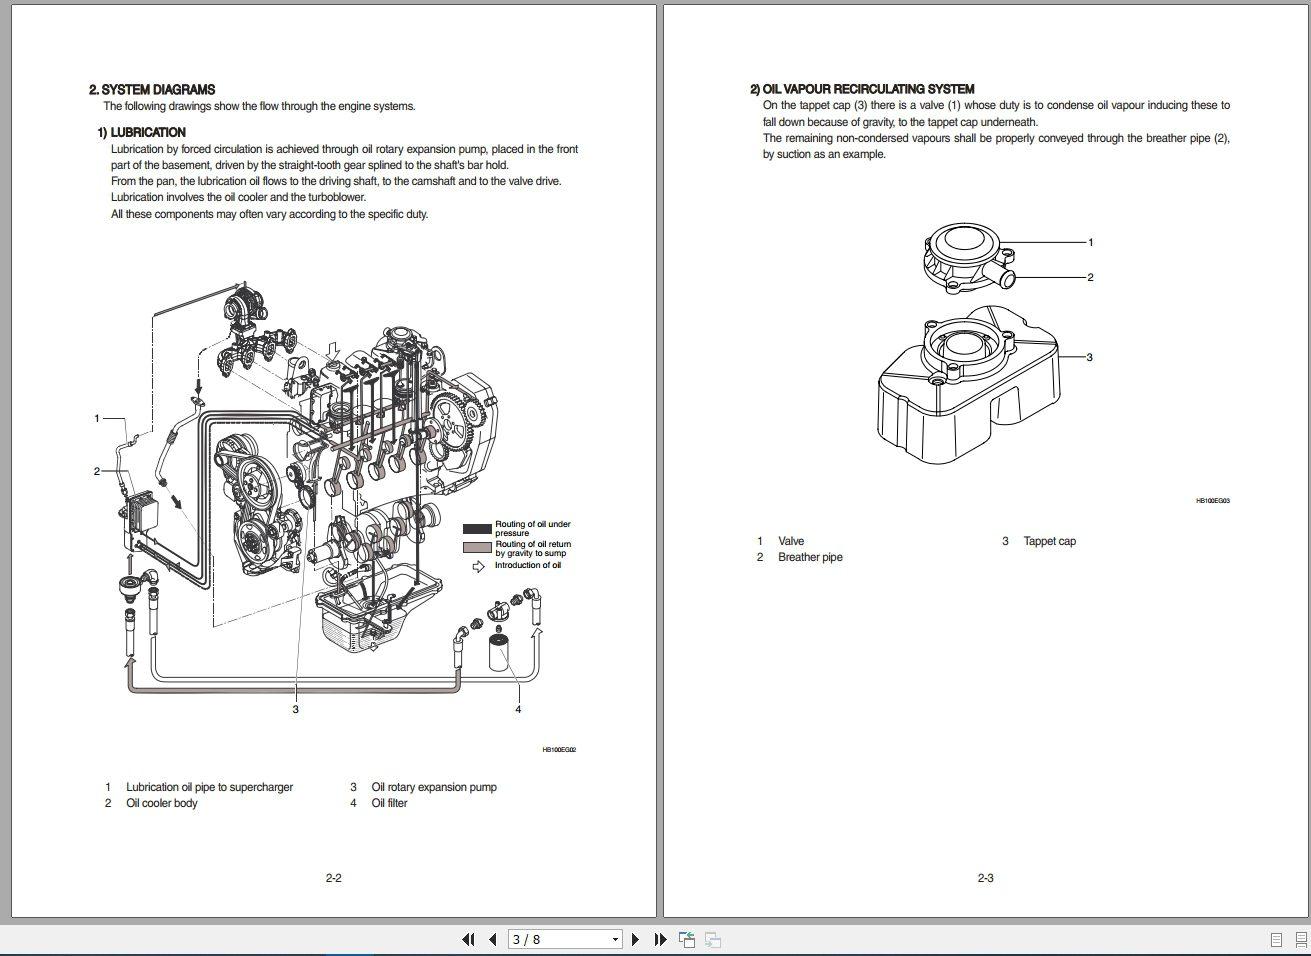 Hyundai_Heavy_Equipment_Service_Manual_Updated_7